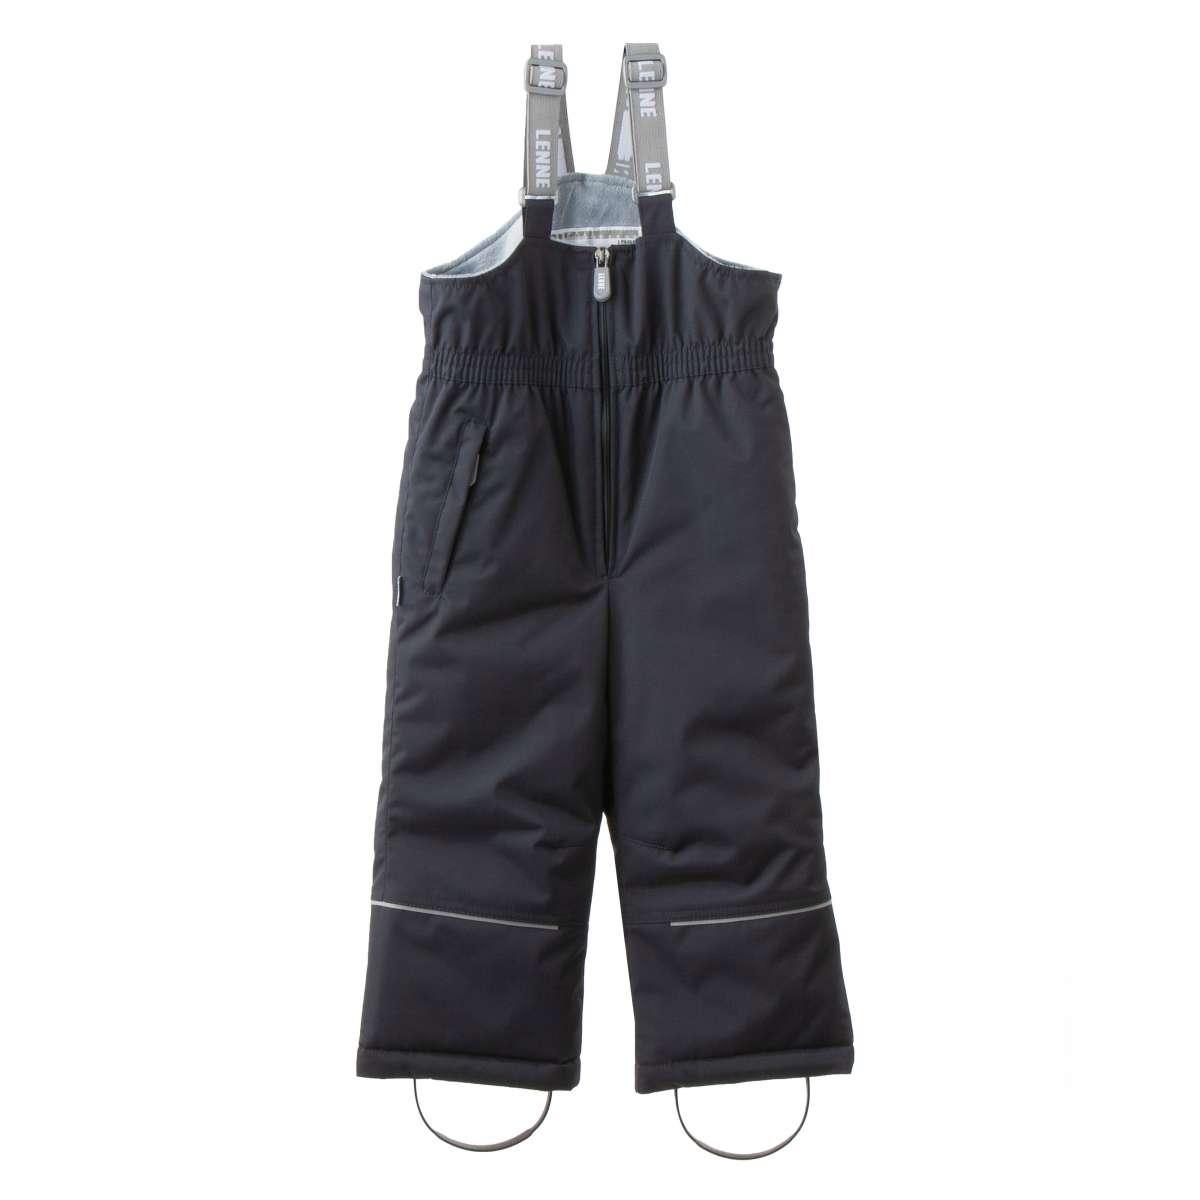 Lenne Jack Bērnu ziemas termo bikses ar paaugstinātu vidukli